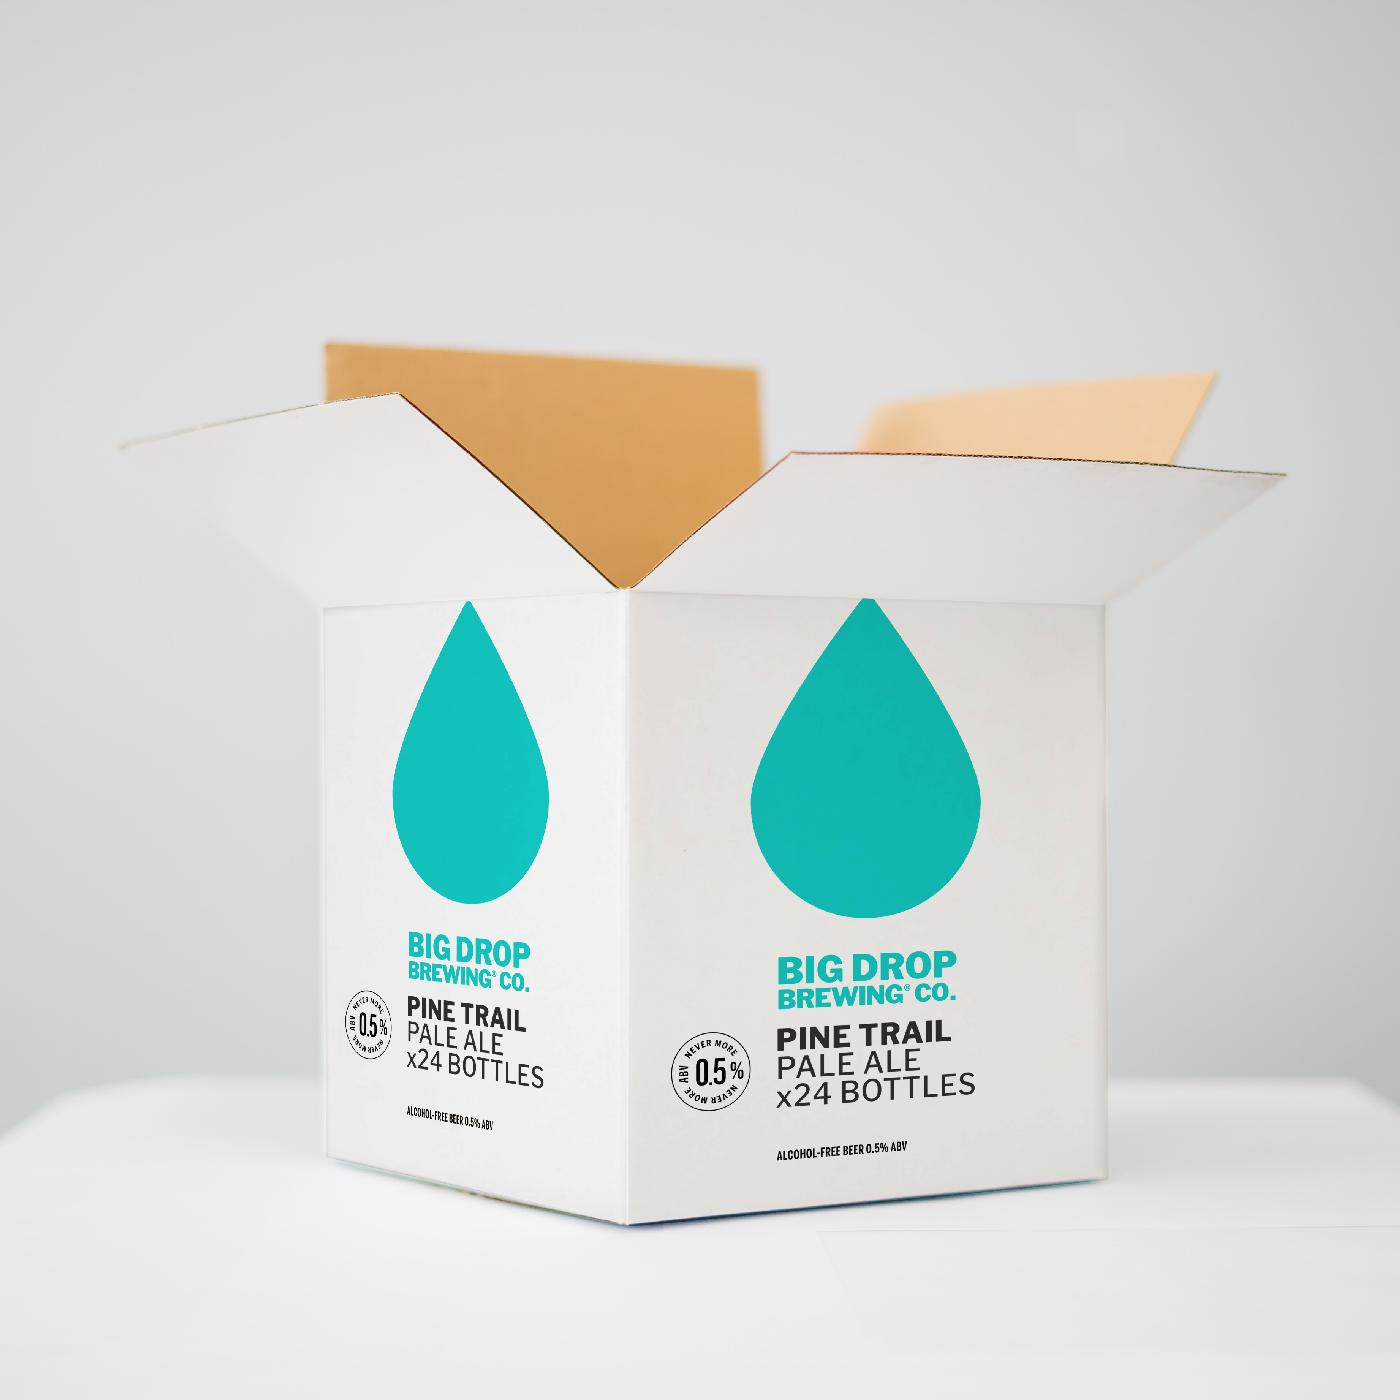 Big Drop's alcohol-free subscription box